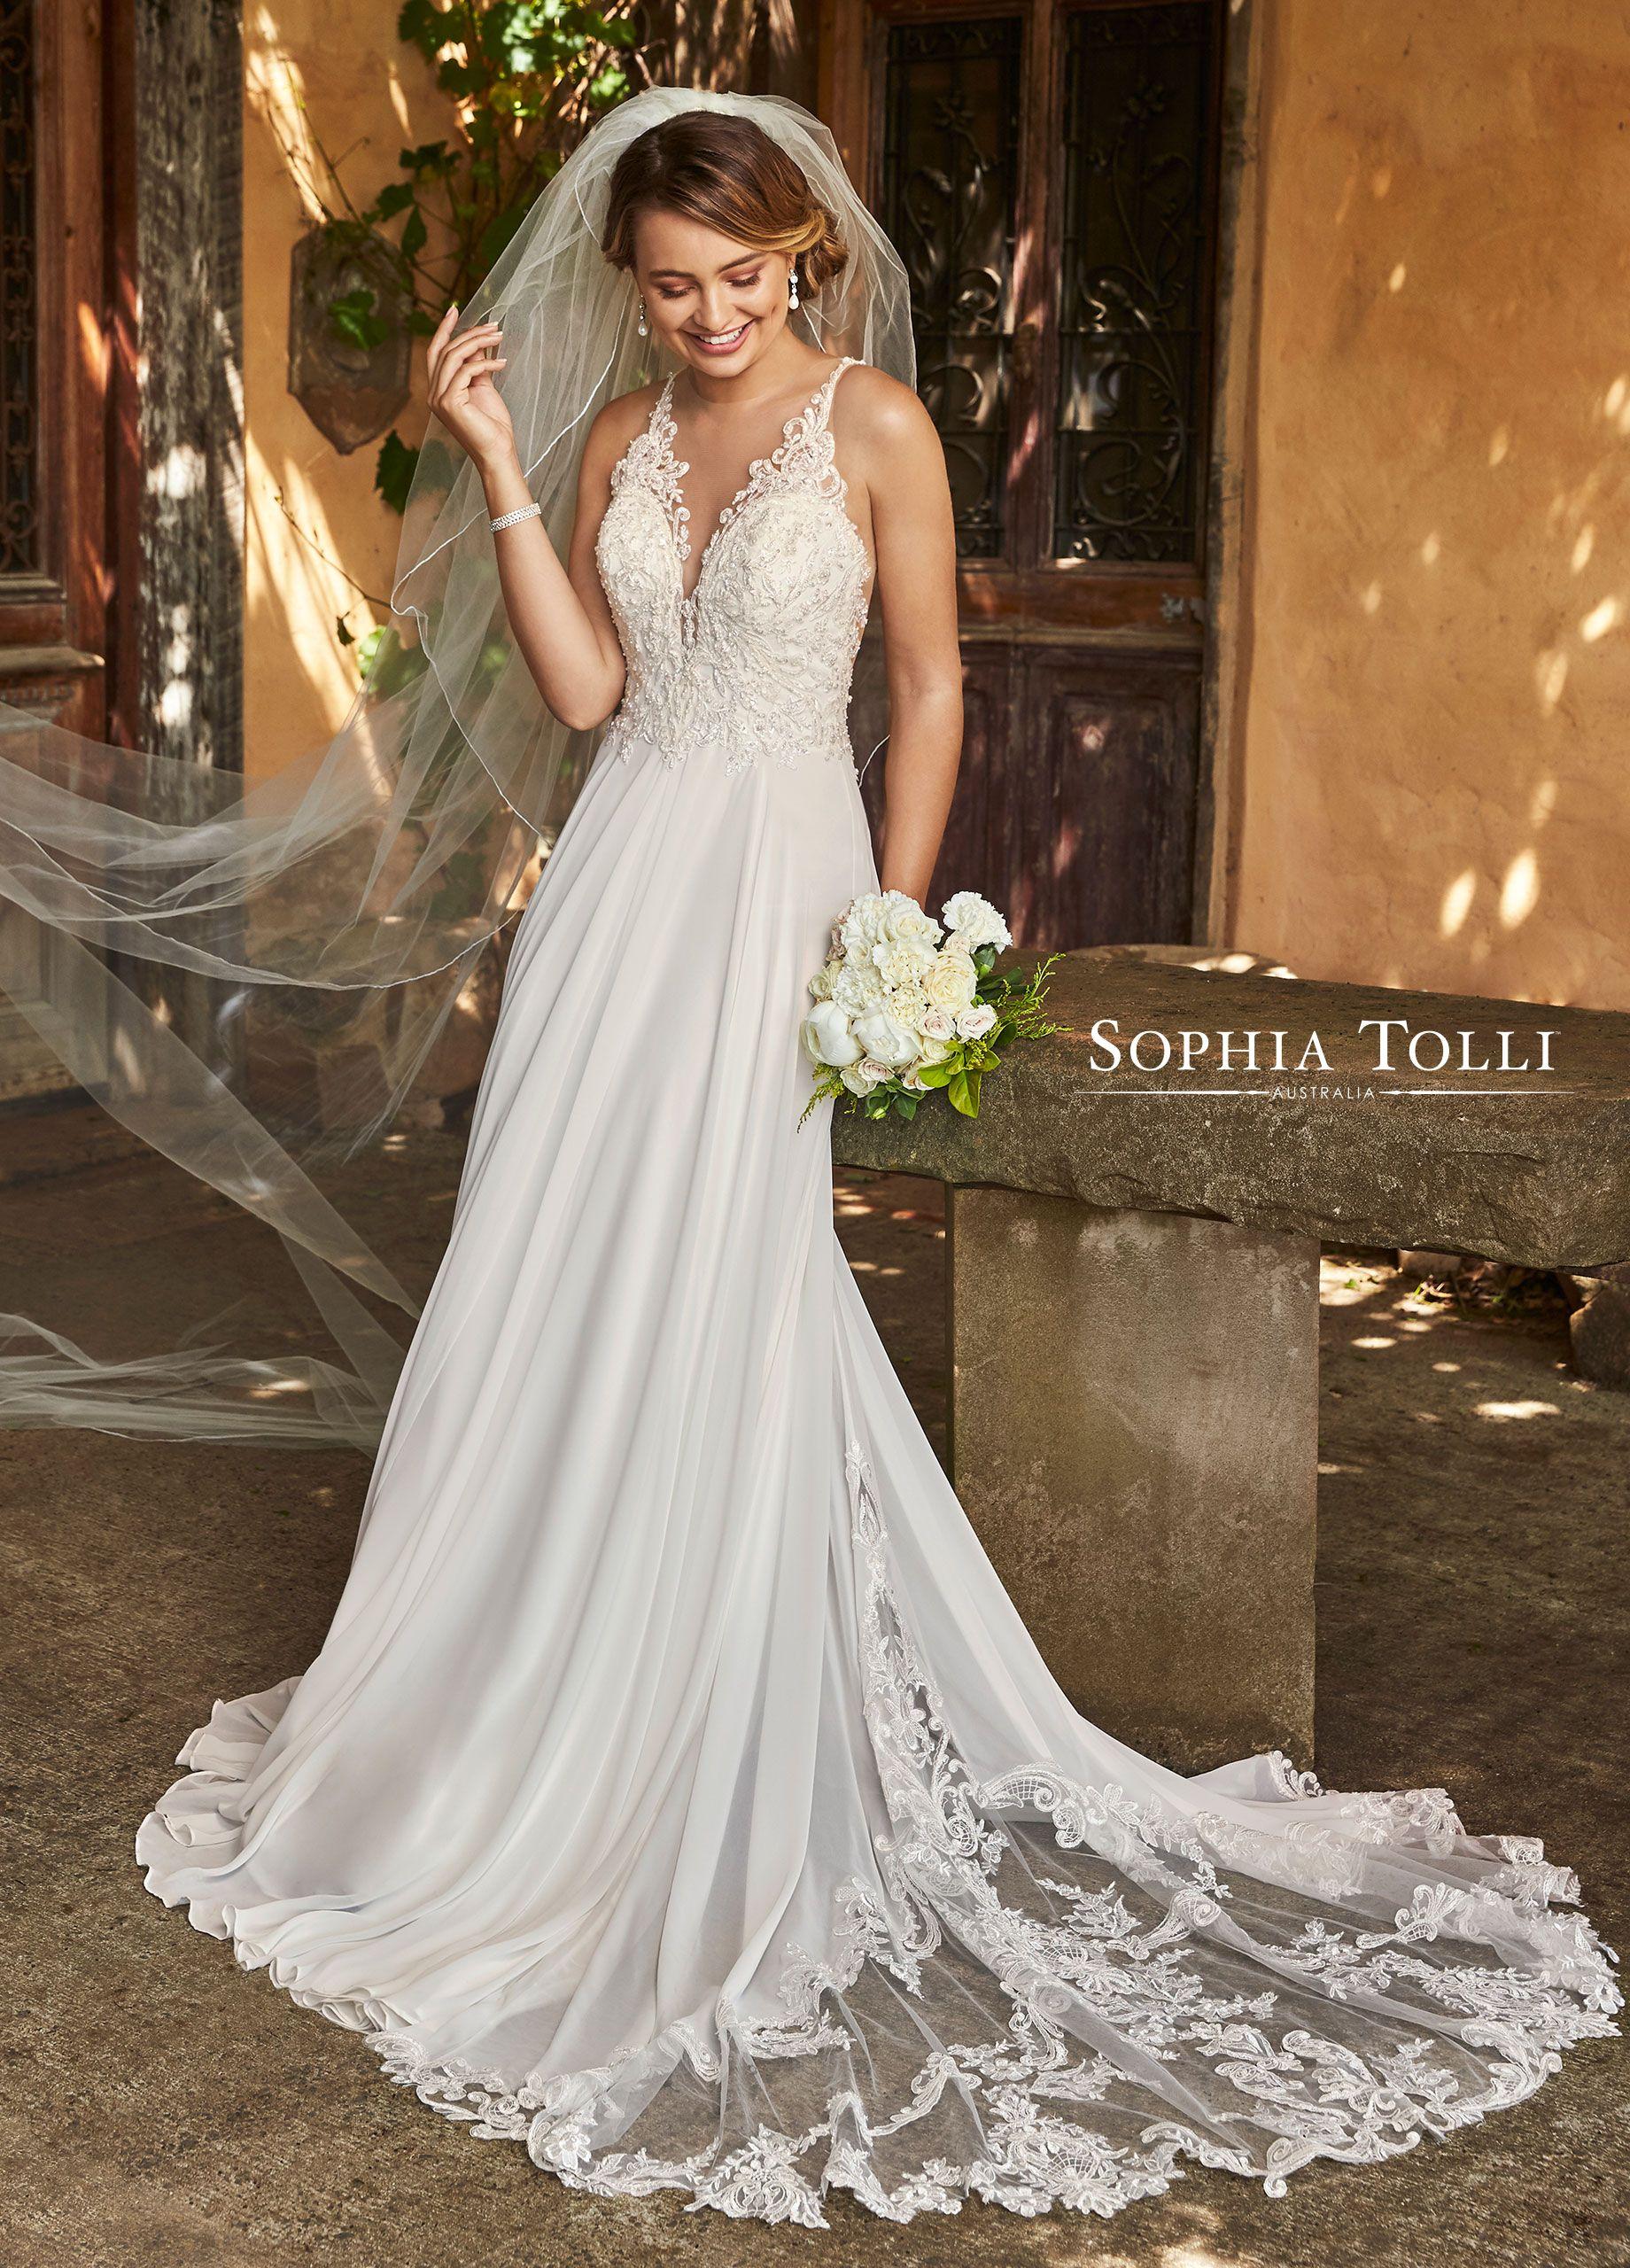 Sophia Tolli Wedding Gowns Y21979 Christabel Rustic Wedding